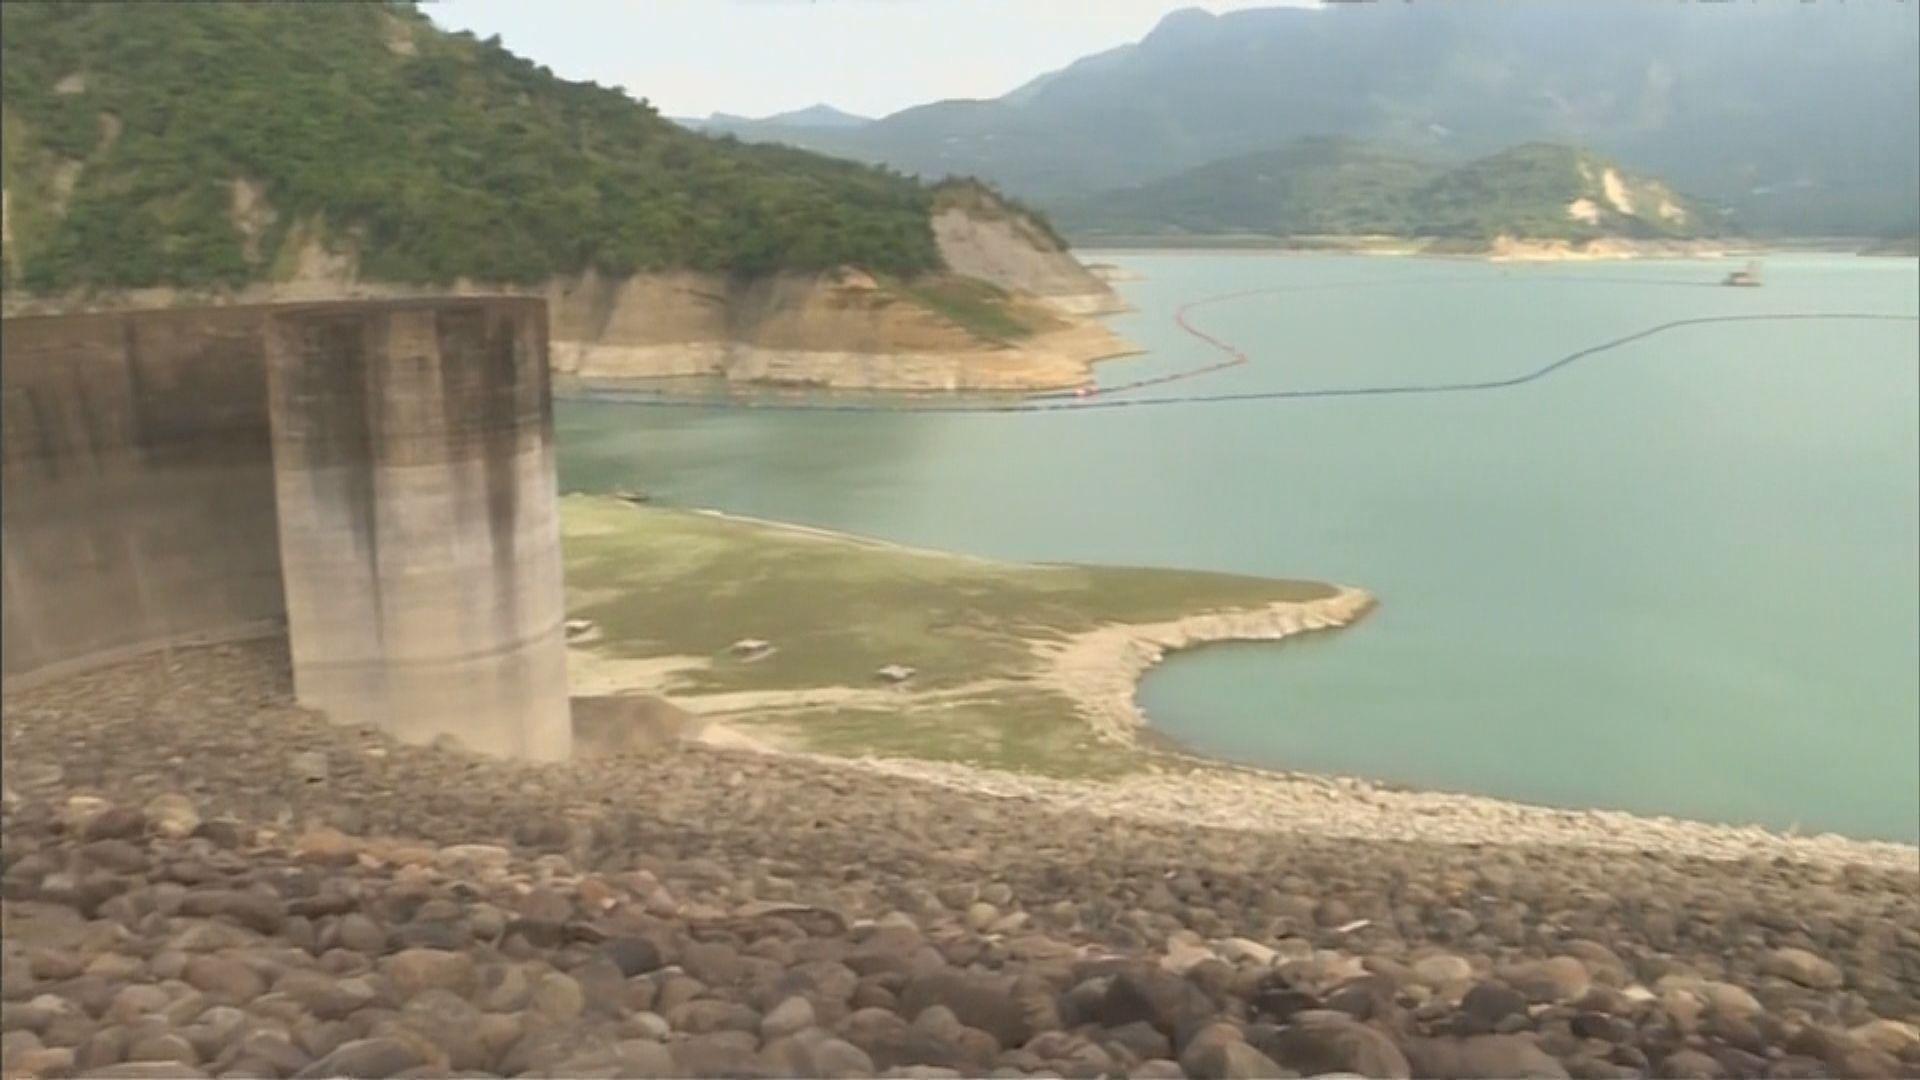 台灣缺水問題持續嚴峻 多個主要水庫蓄水量少於兩成